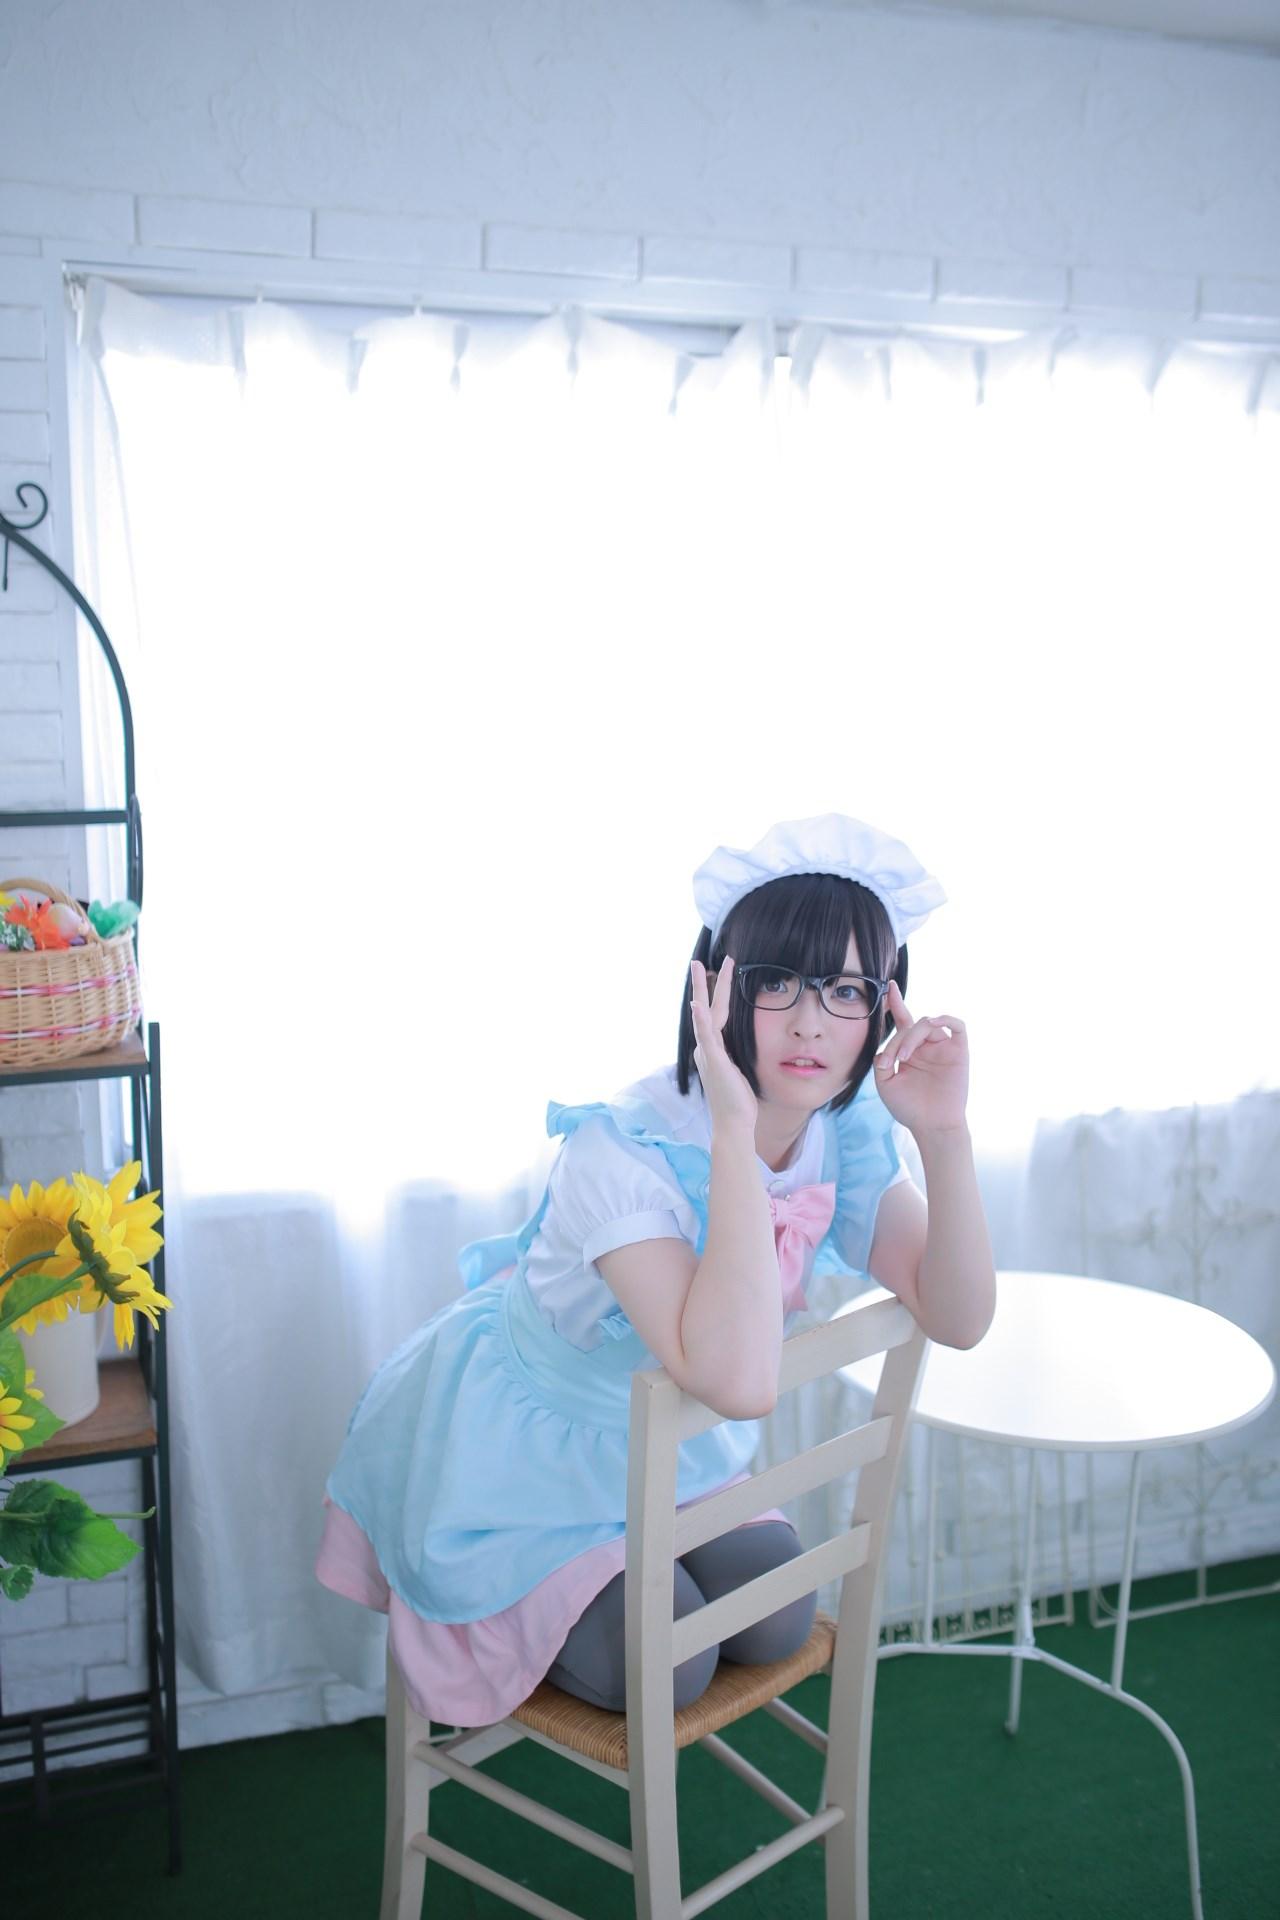 【兔玩映画】眼镜女仆 兔玩映画 第27张